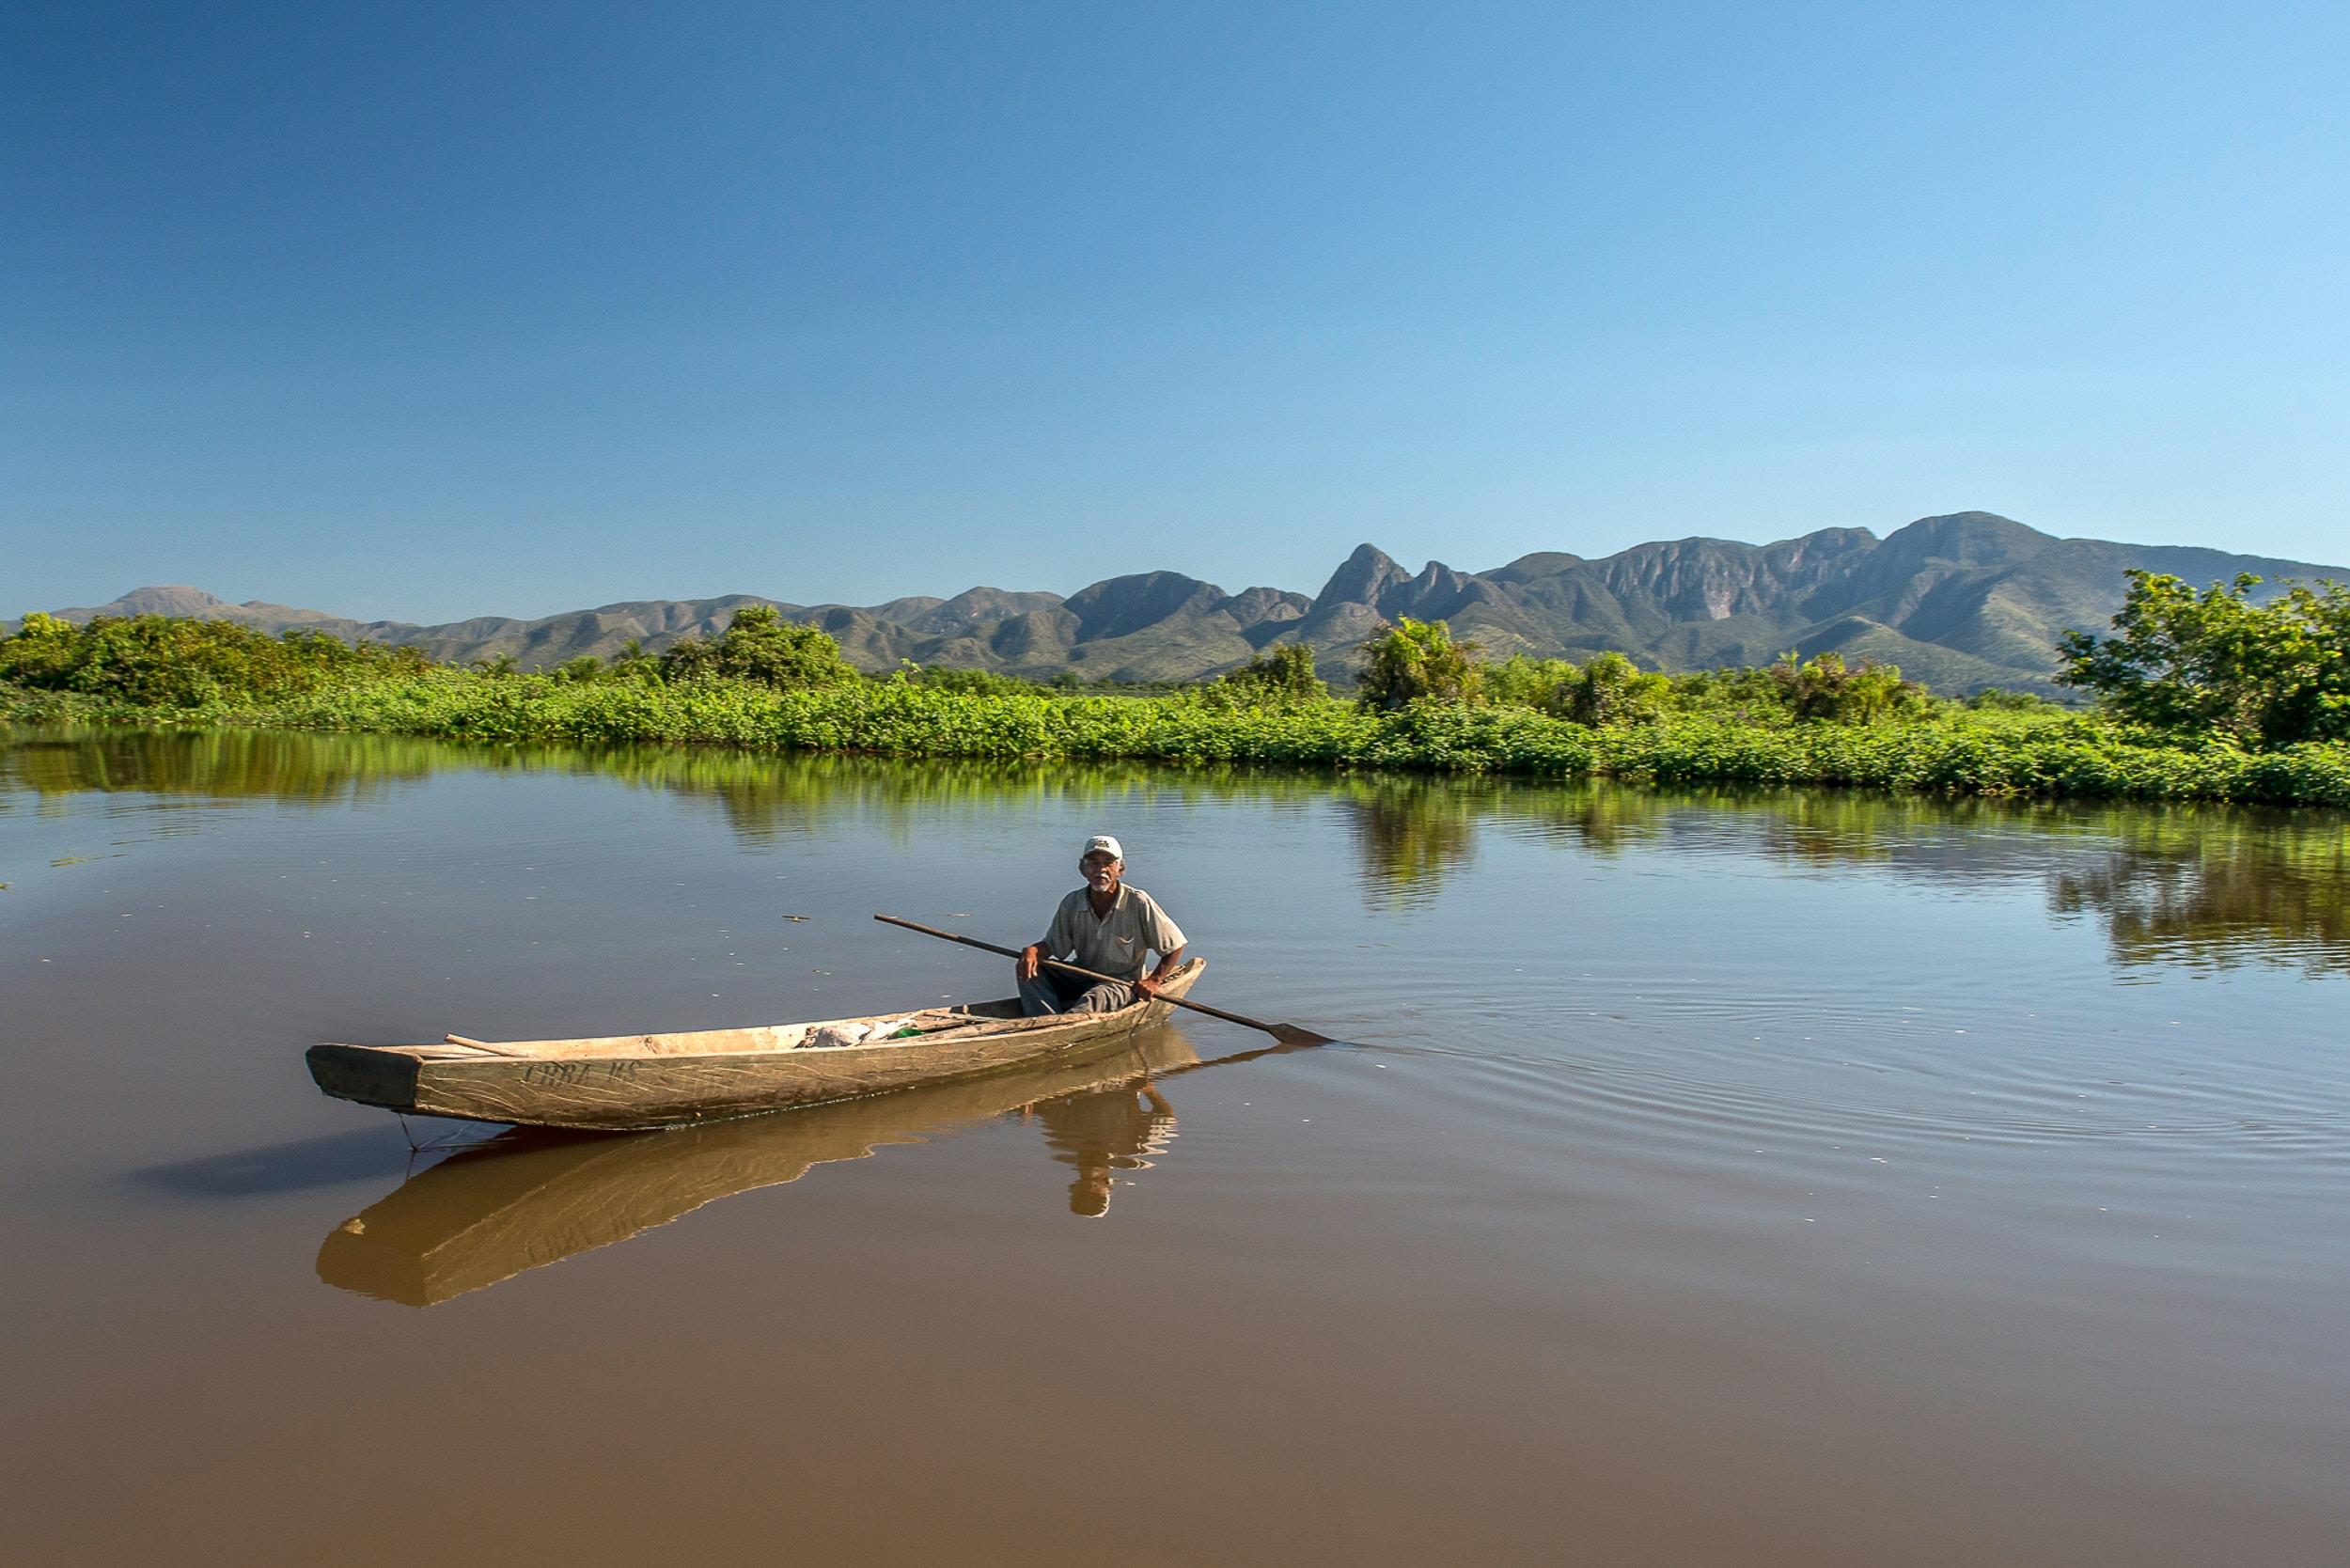 Assunto: Vista da Serra do Amolar no Rio Paraguai- Parque Nacional do Pantanal MatogrossenseInformação Adicional: Serra do Amolar é uma formação rochosa localizada na planície pantaneira, na fronteira do Brasil com a Bolívia. Local: Poconé - MTData: 07/2014Autor: André Dib